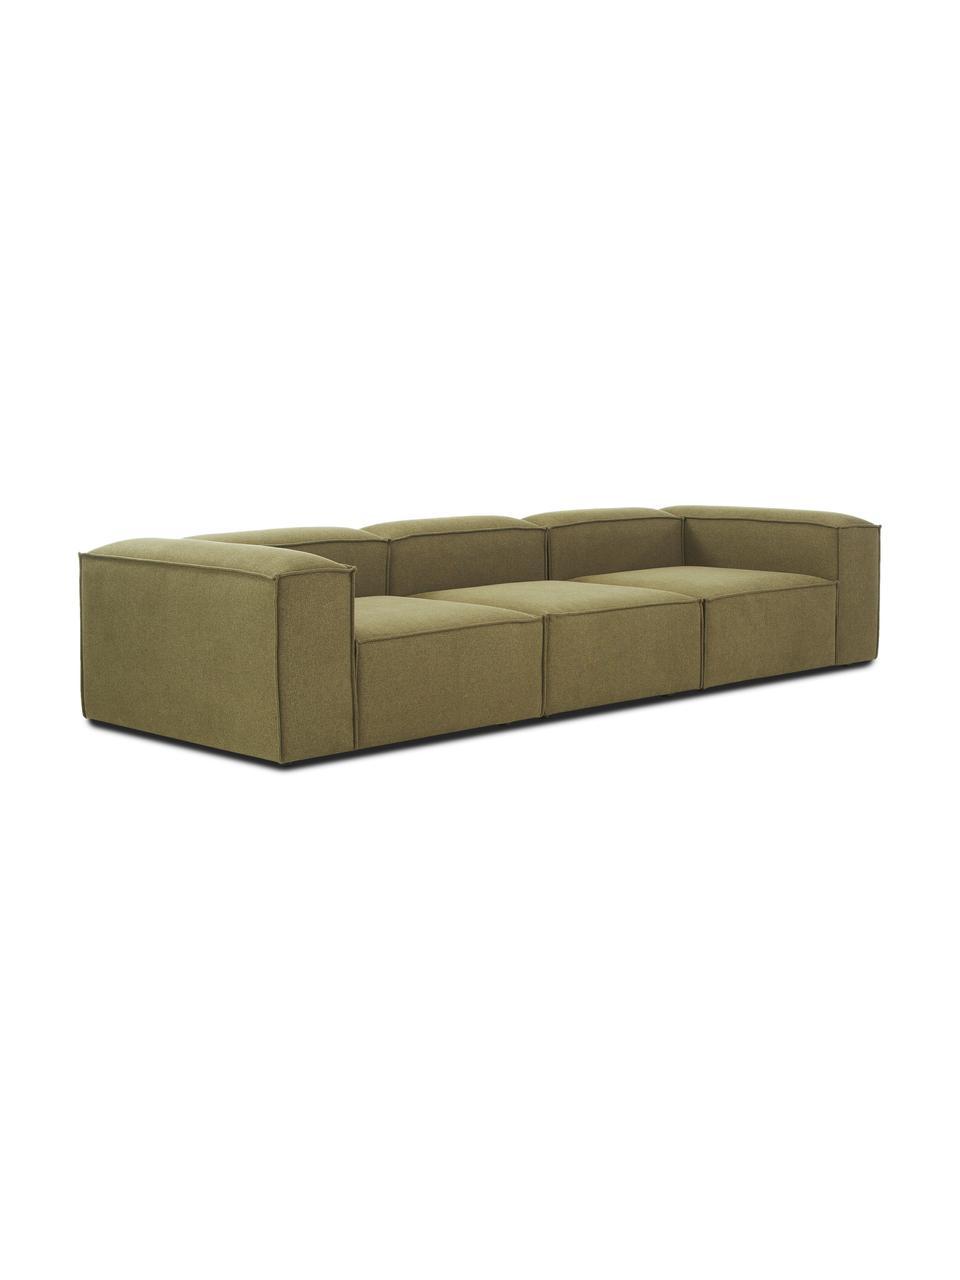 Sofa modułowa Lennon (4-osobowa), Tapicerka: 100% poliester 35000cyk, Nogi: tworzywo sztuczne, Zielony, S 327 x G 119 cm